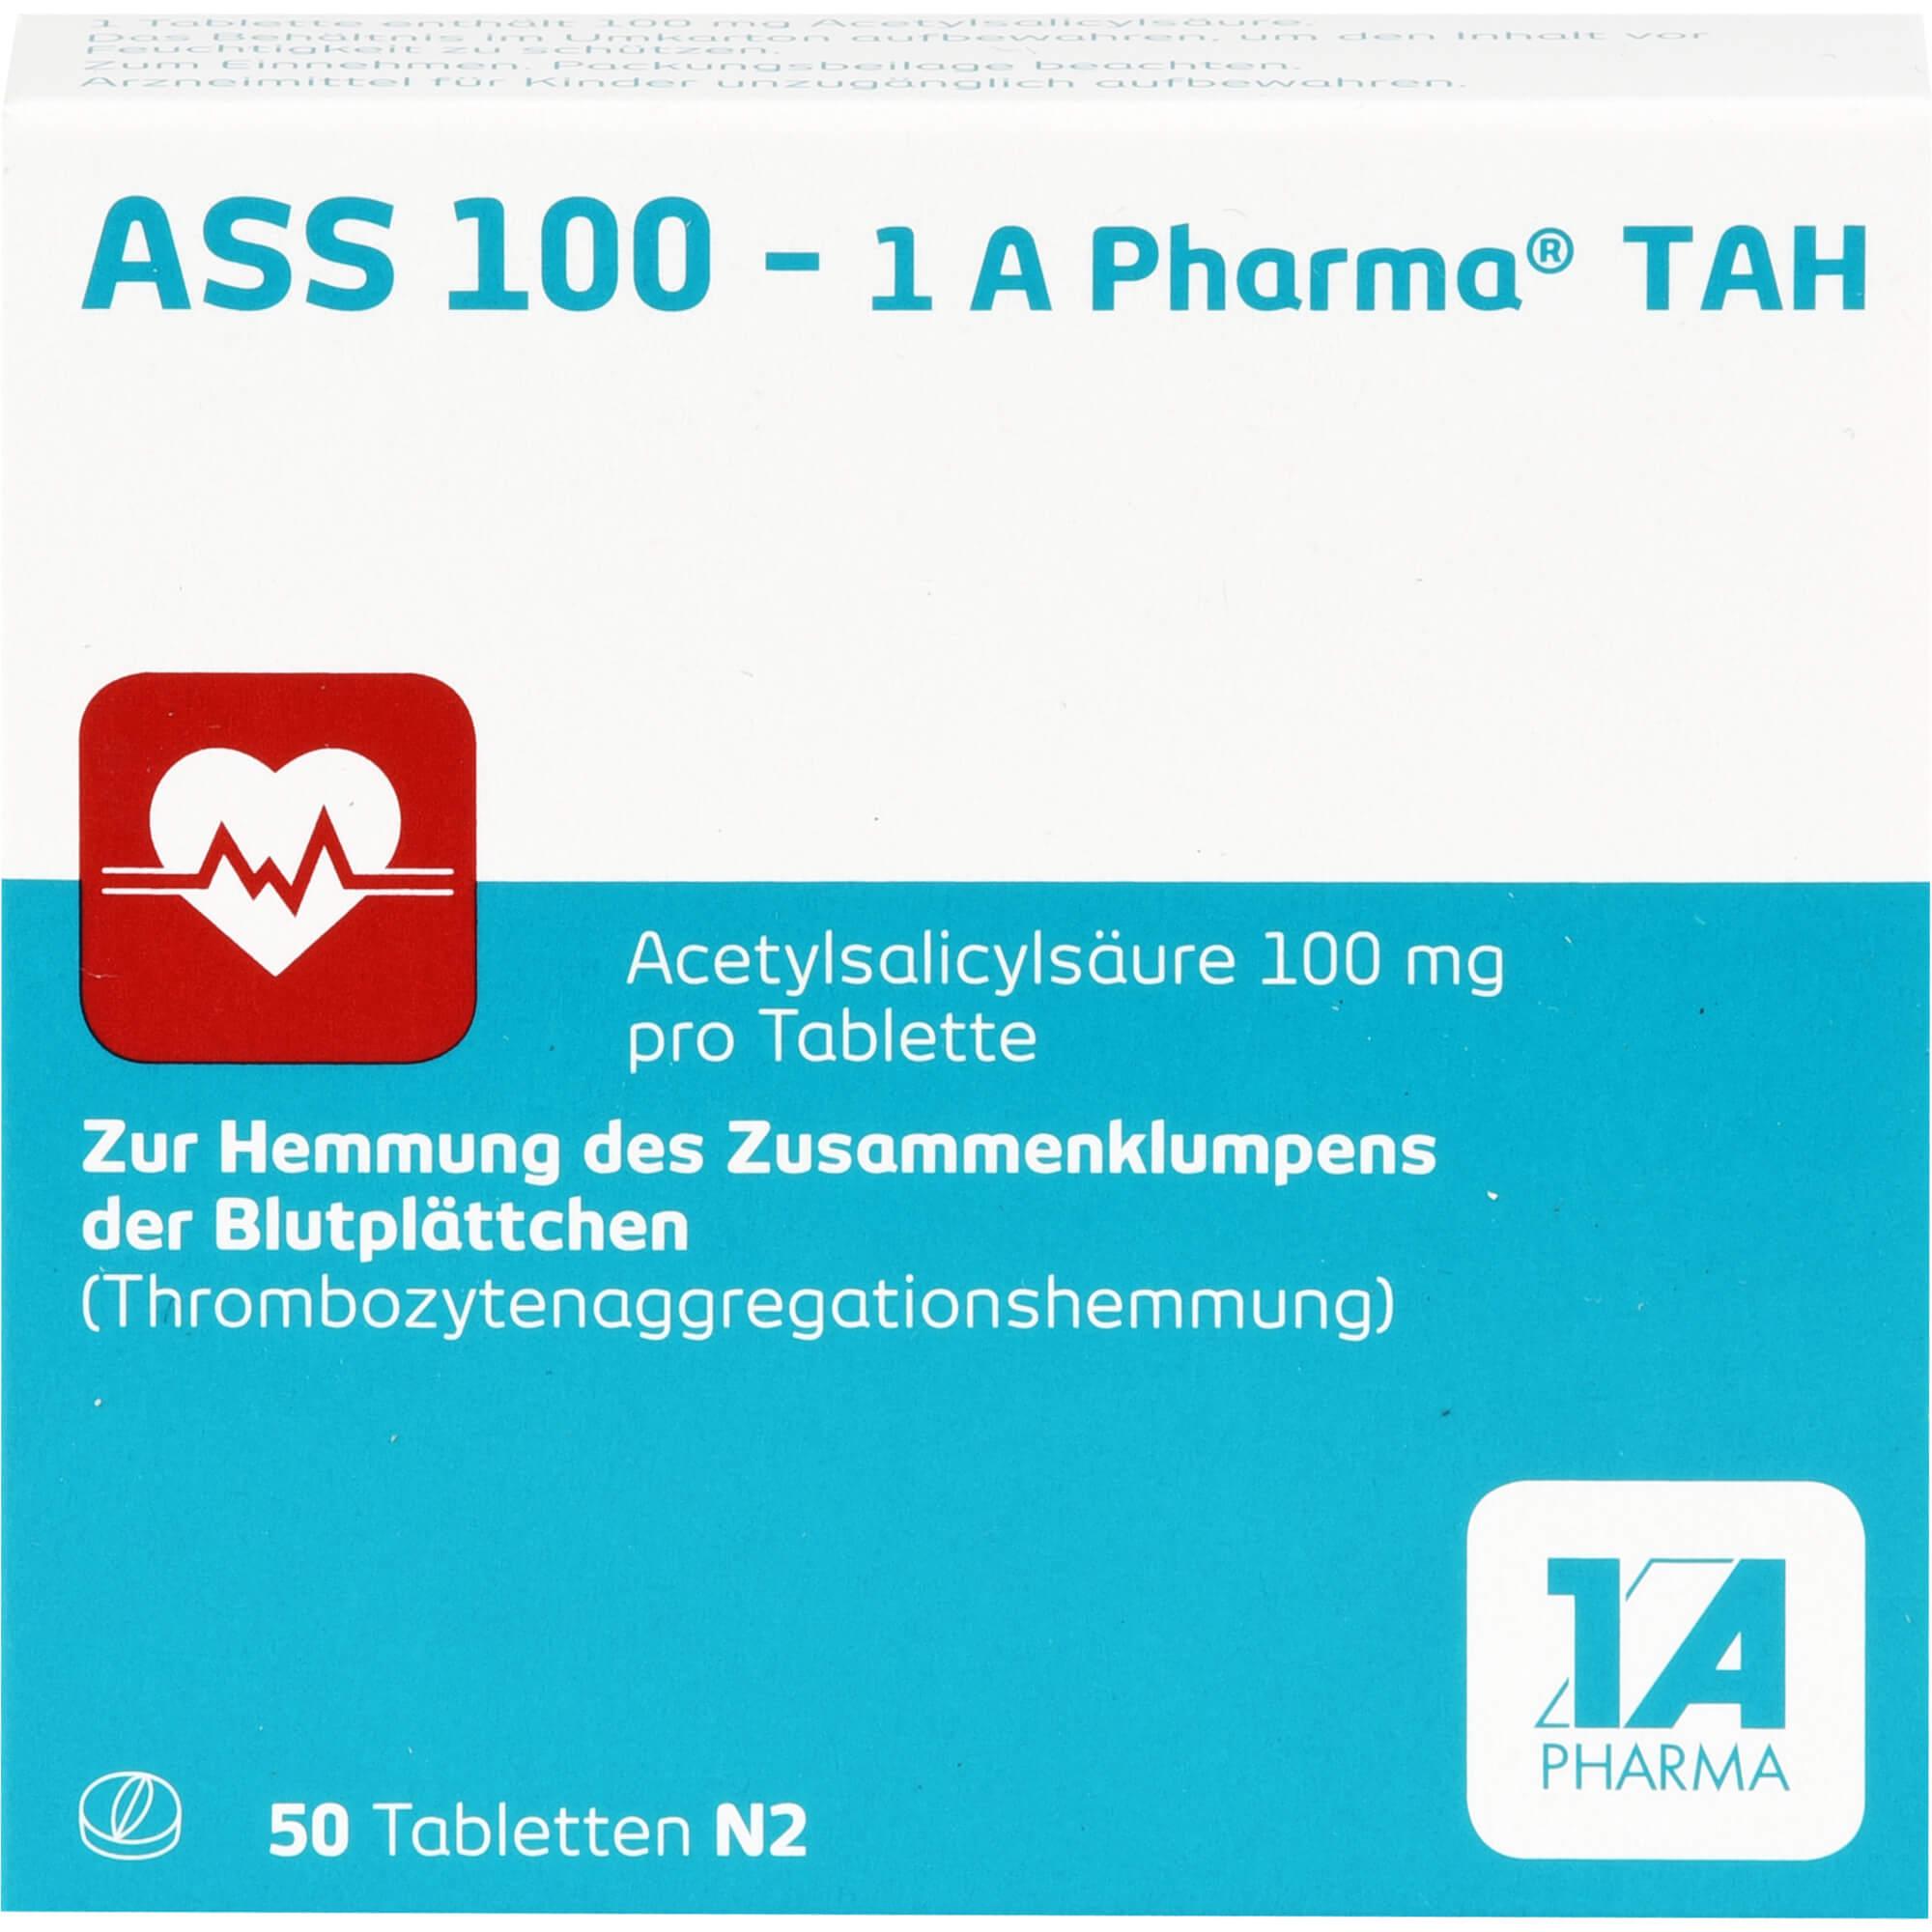 ASS 100-1A Pharma TAH Tabletten